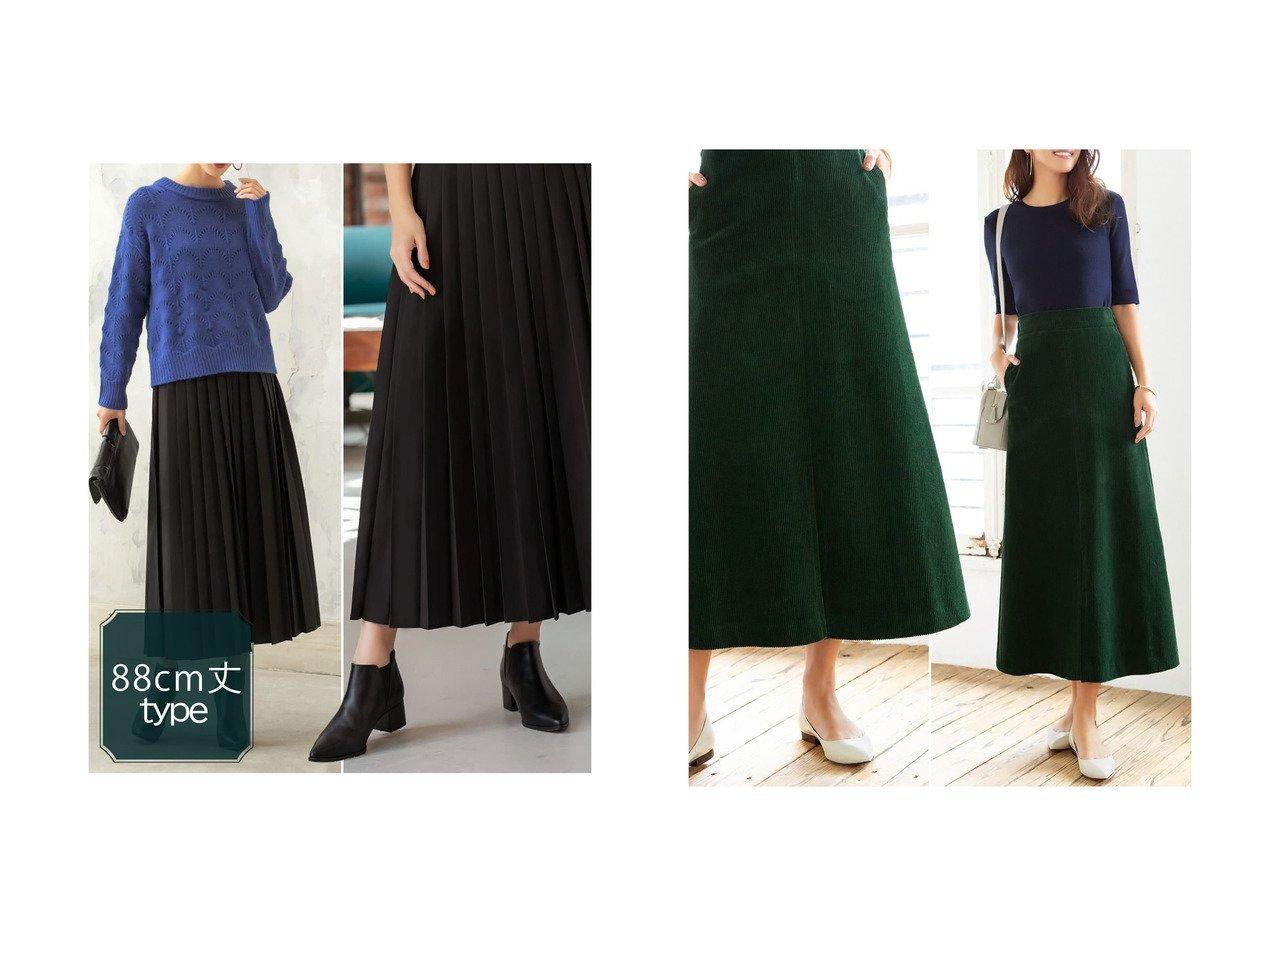 【STYLE DELI/スタイルデリ】の88cm丈ミドルピッチプリーツスカート&カラーコーデュロイミディ丈スカート STYLE DELIのおすすめ!人気、トレンド・レディースファッションの通販 おすすめで人気の流行・トレンド、ファッションの通販商品 メンズファッション・キッズファッション・インテリア・家具・レディースファッション・服の通販 founy(ファニー) https://founy.com/ ファッション Fashion レディースファッション WOMEN スカート Skirt プリーツスカート Pleated Skirts シンプル プリーツ コーデュロイ スタイリッシュ スリット タイツ パープル フロント ペチコート ポケット ロング 冬 Winter 再入荷 Restock/Back in Stock/Re Arrival |ID:crp329100000019101